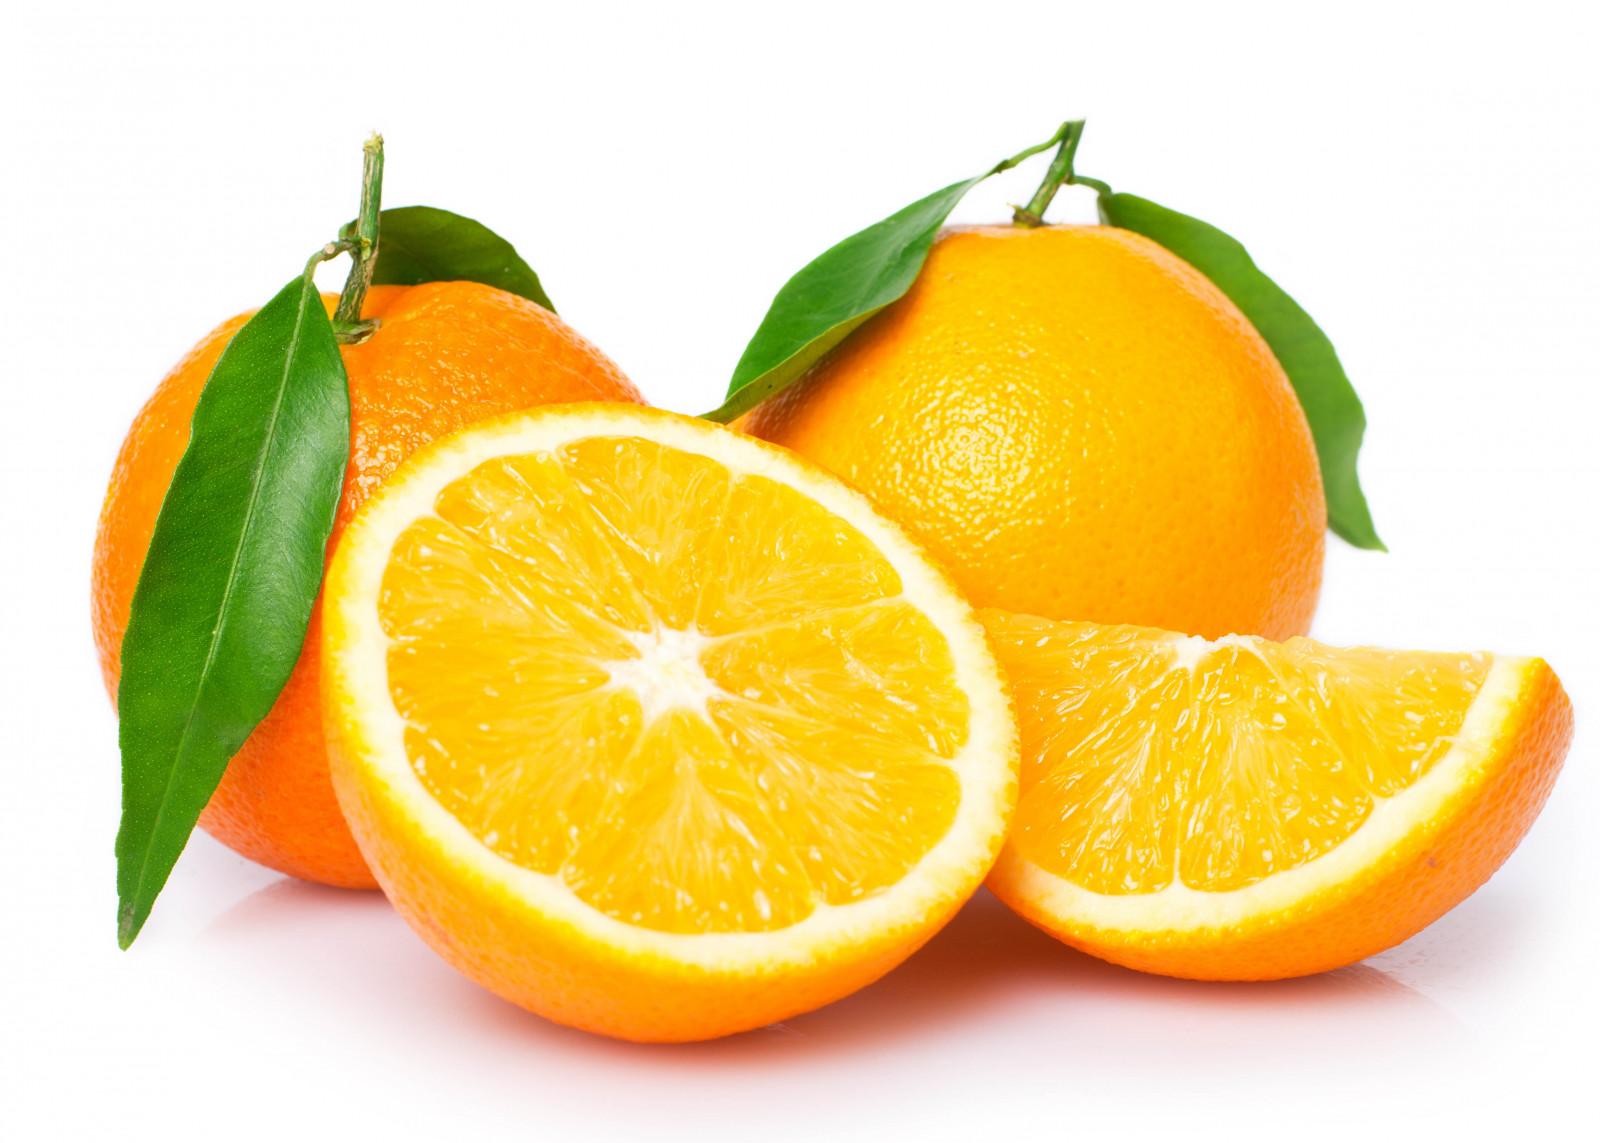 listy jídlo bílé pozadí ovoce mandarinka oranžový citrus Clementine rostlina pomeranče střih vyrobit suchozemská rostlina kvetoucí rostlina hořký pomeranč mandarinka plátek tangelo sladký citron Valencia oranžové citron limetka kumquat